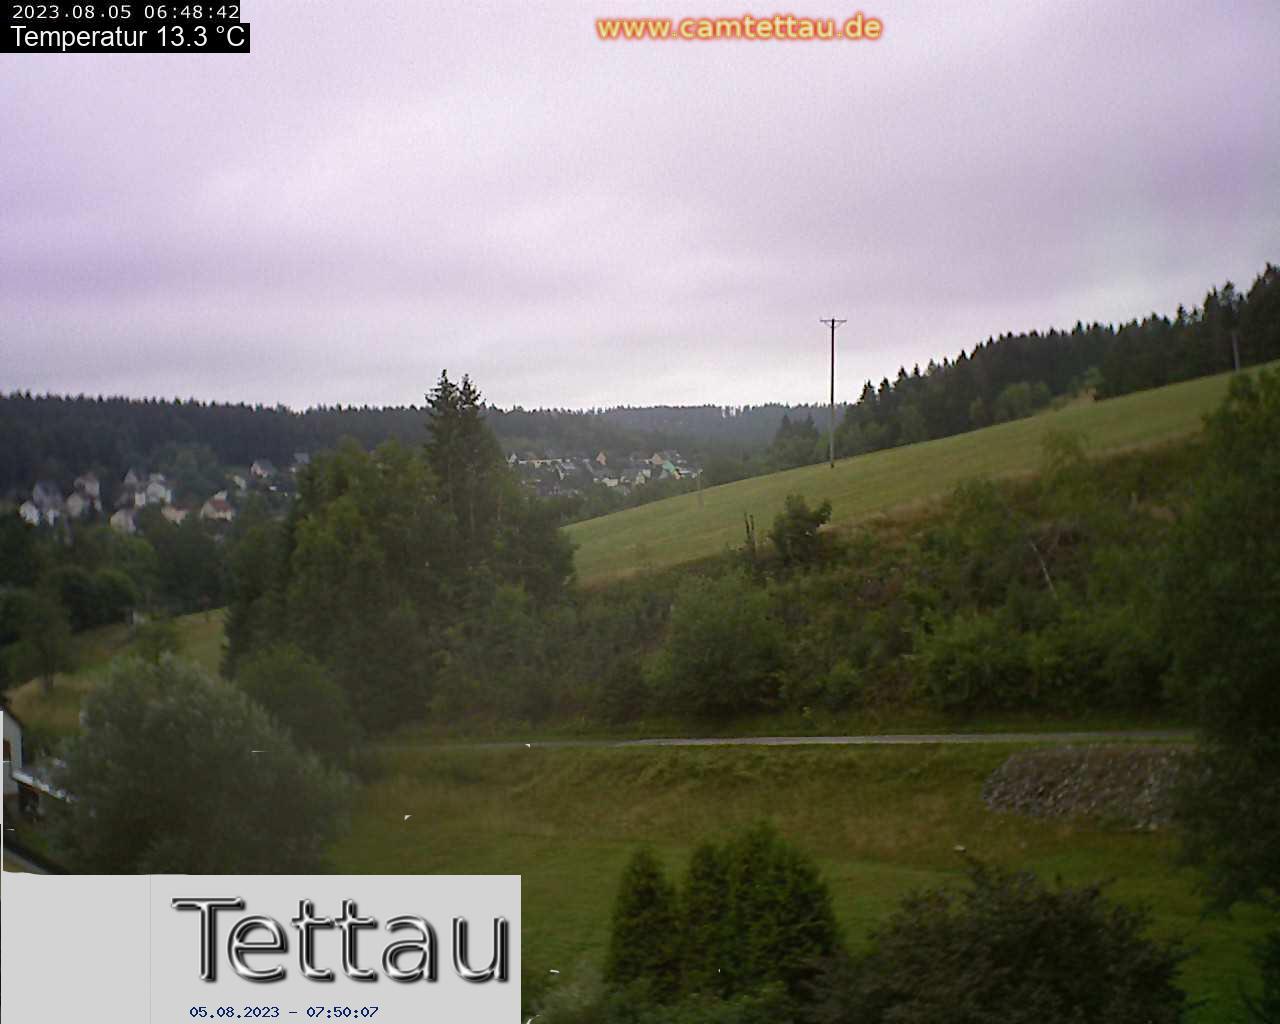 Tettau (Bavaria) Tue. 07:55